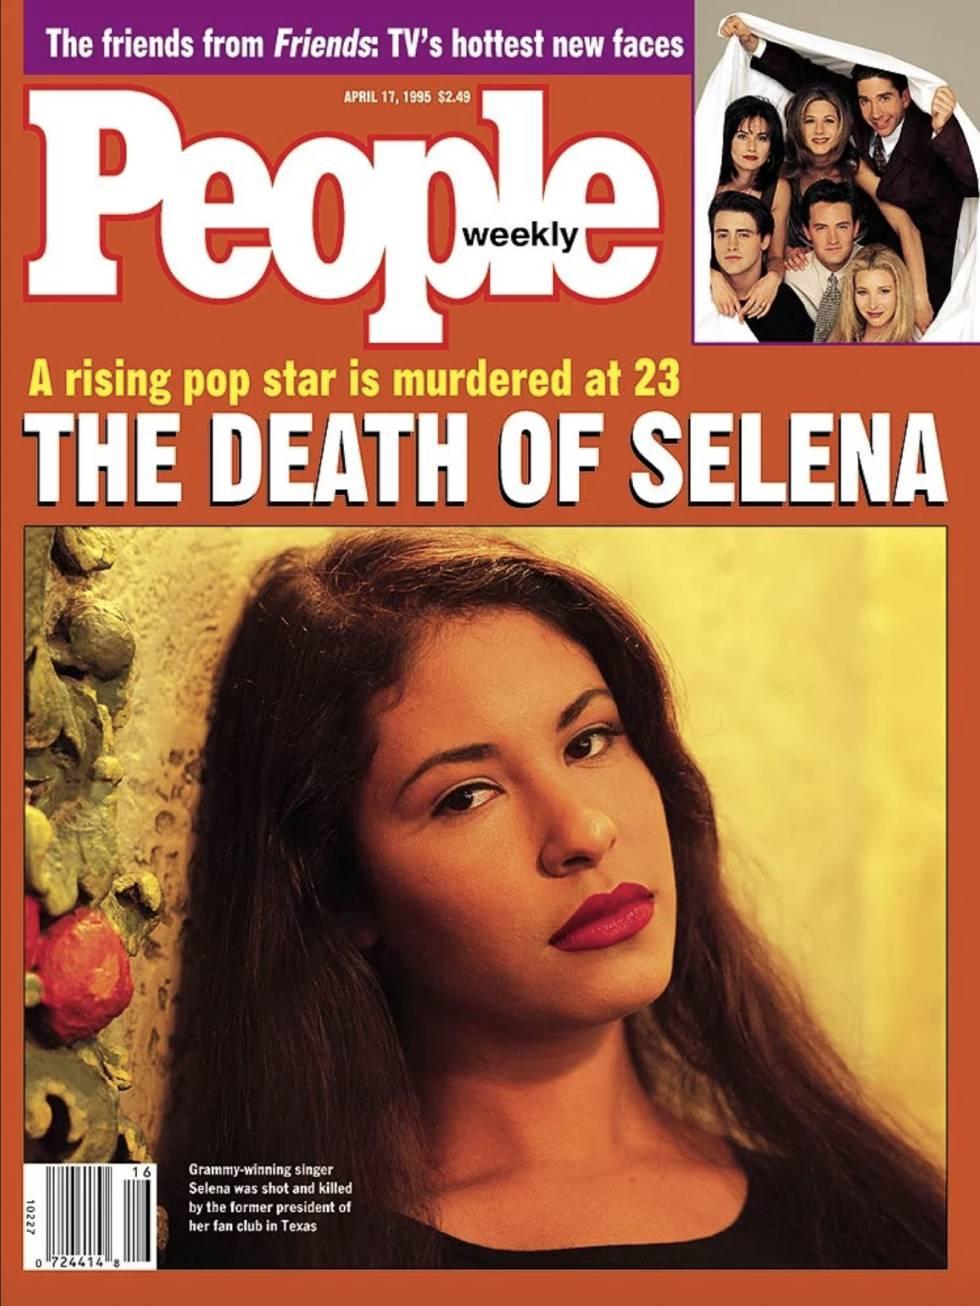 Tras el fallecimiento de Selena Quintanilla, la revista People, uno de los semanarios más influyentes de Estados Unidos, le dedicó su portada y confirmó que su figura había trascendido el mercado latino para convertirse en un icono de la cultura popular de los noventa.